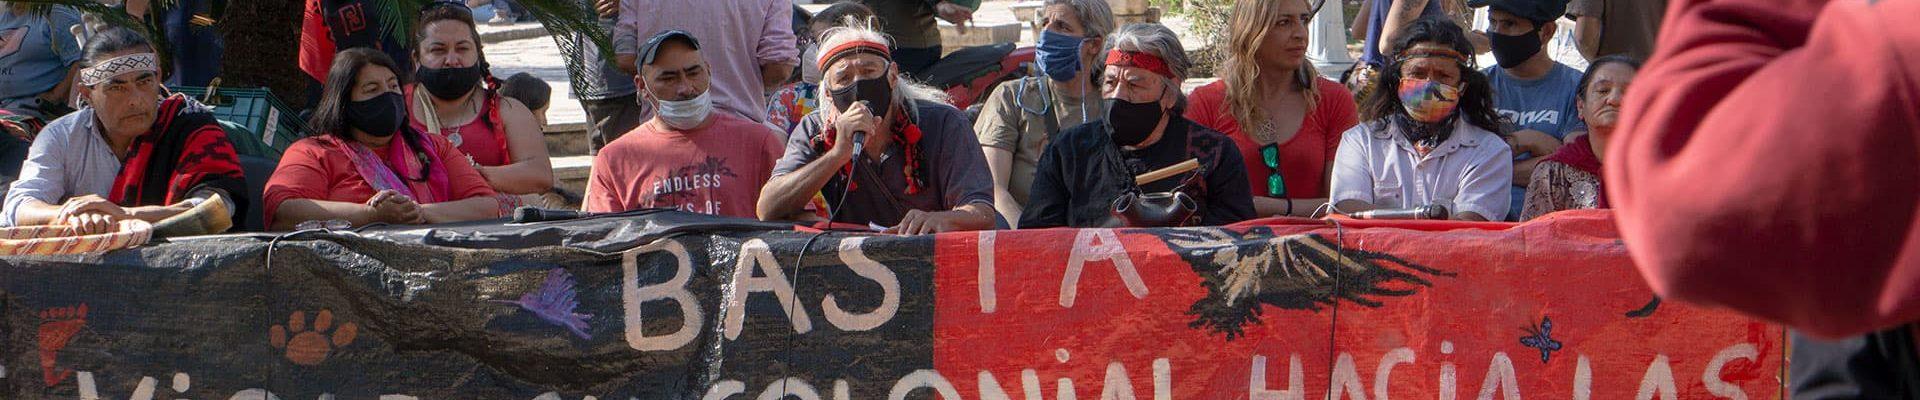 Caminata de pueblos indígenas contra la violencia